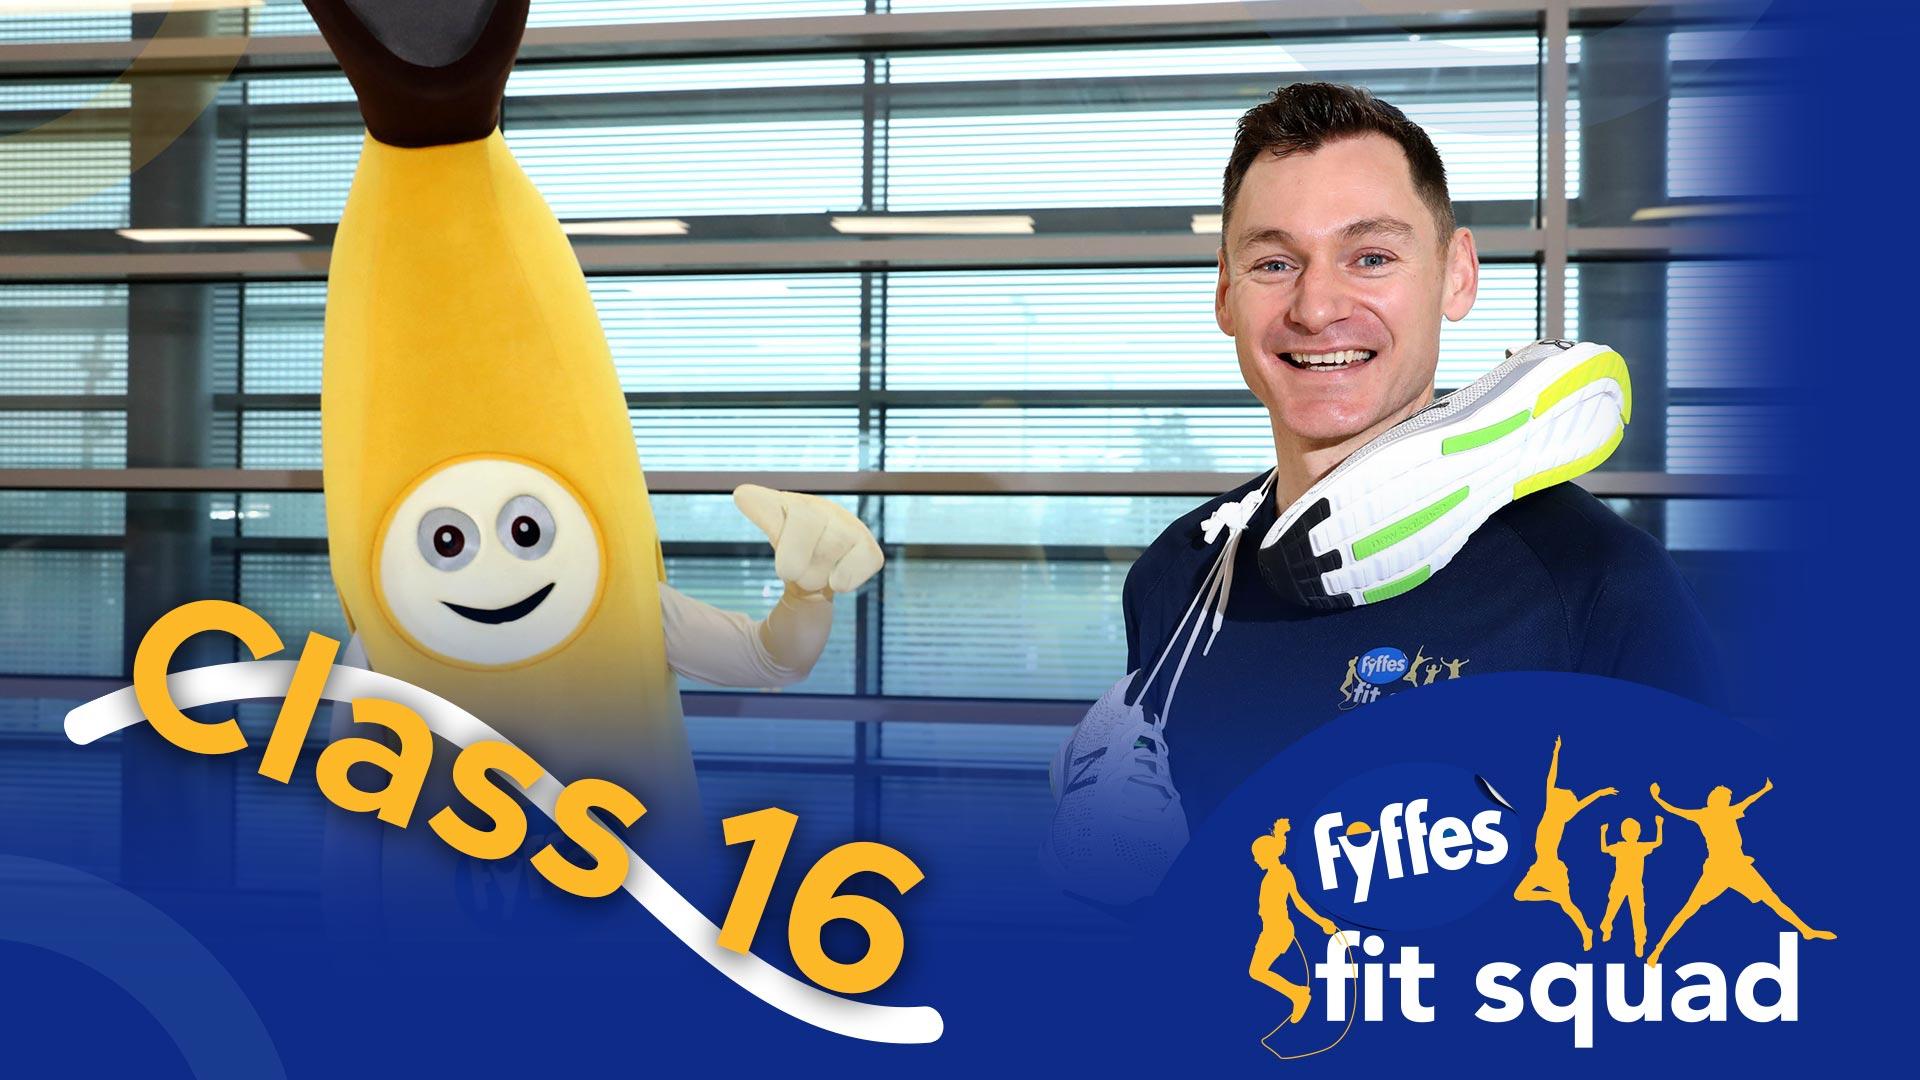 Fyffes Fit Squad Class 16